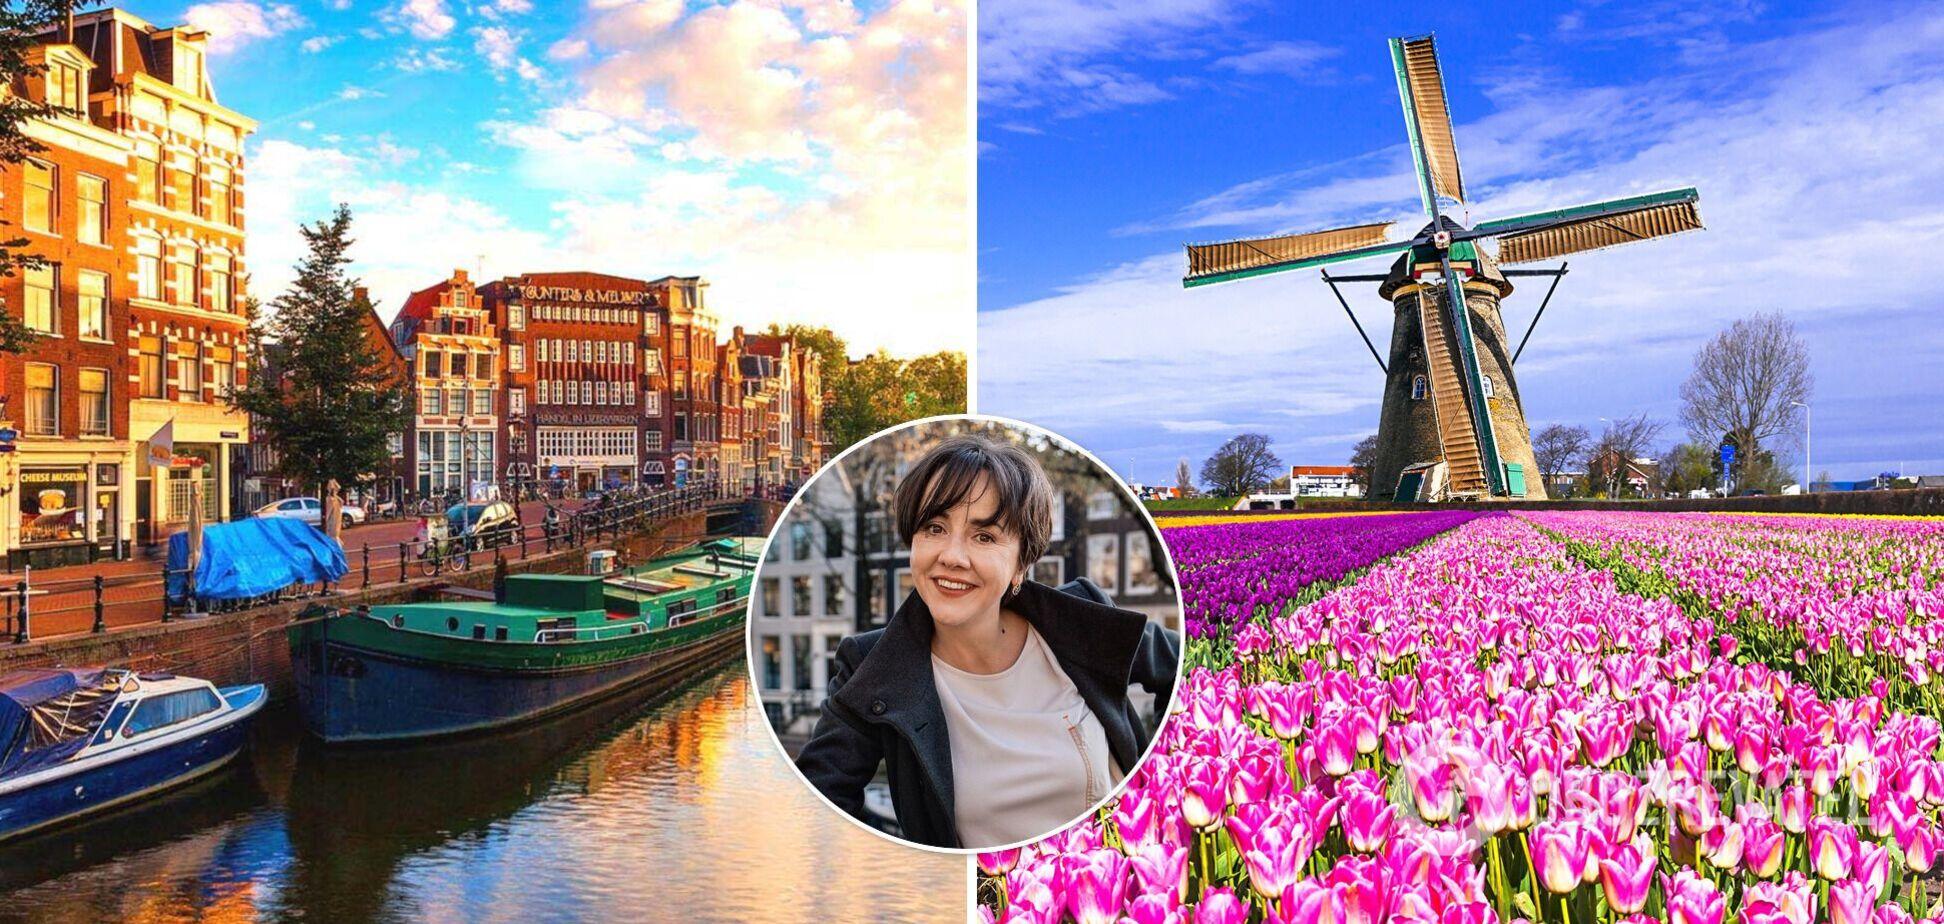 Средняя зарплата 76 тысяч грн, высокие цены и налоги: украинка – о жизни в Нидерландах